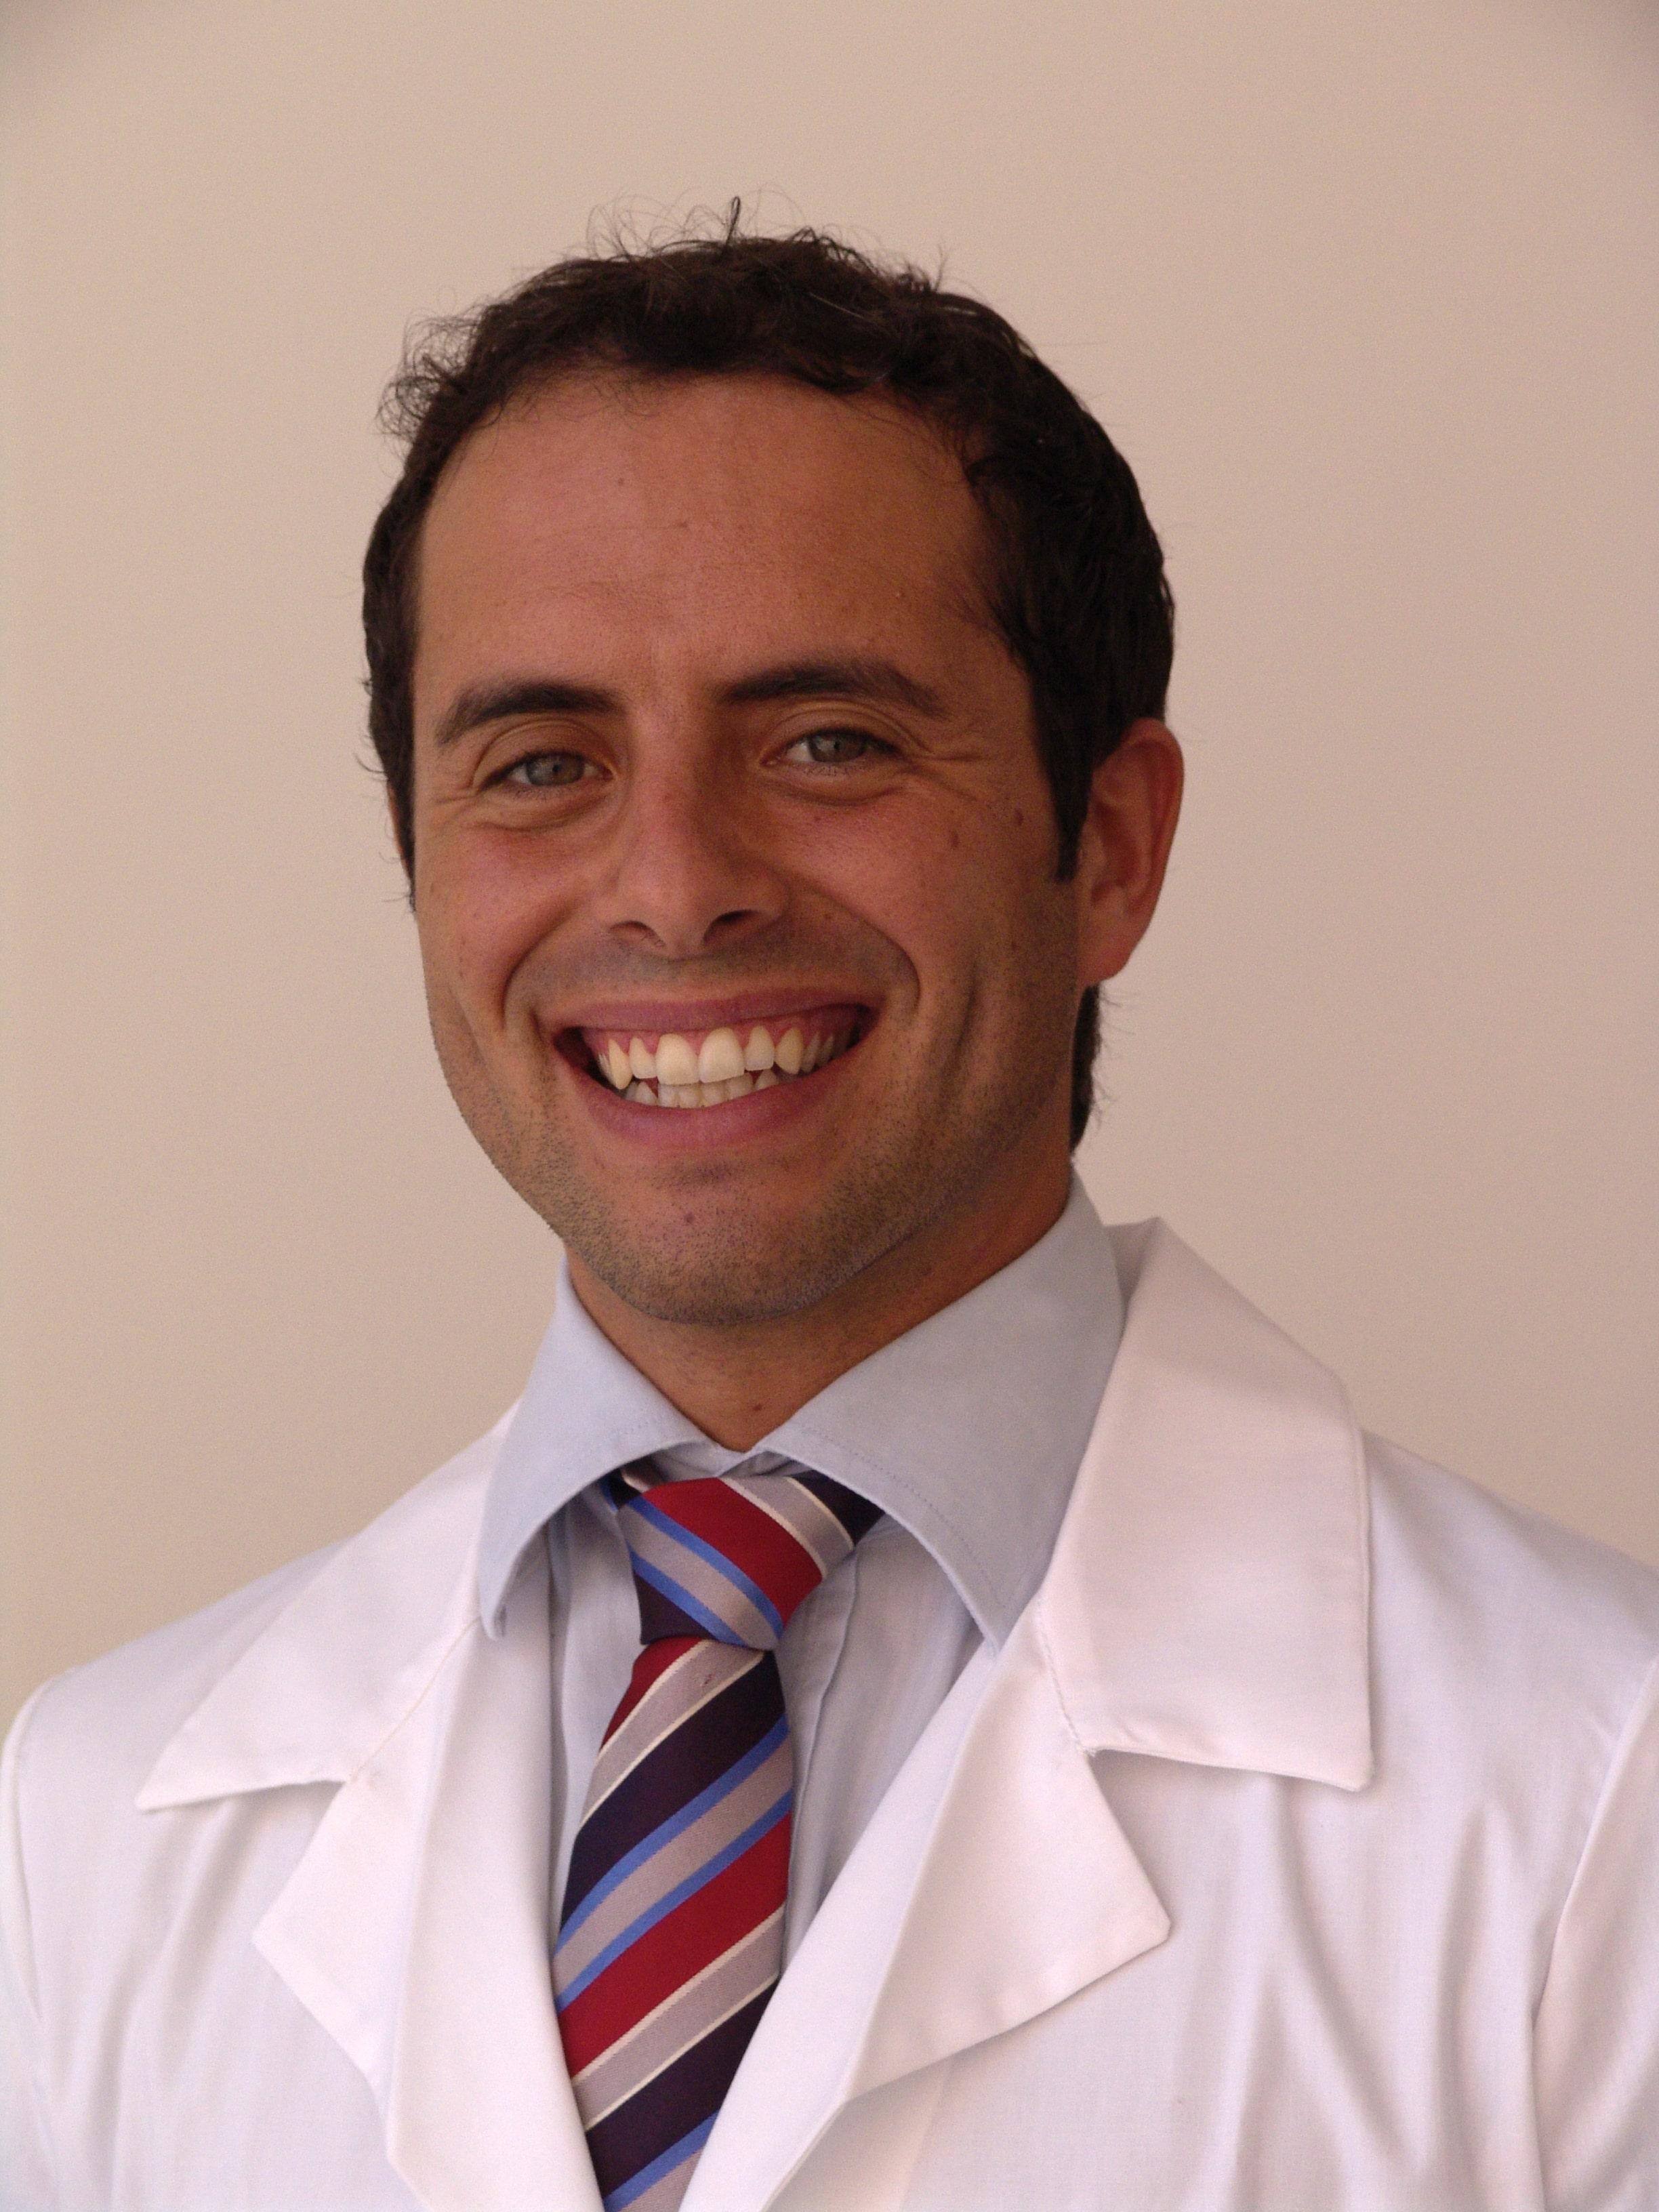 Giuseppe Gancitano